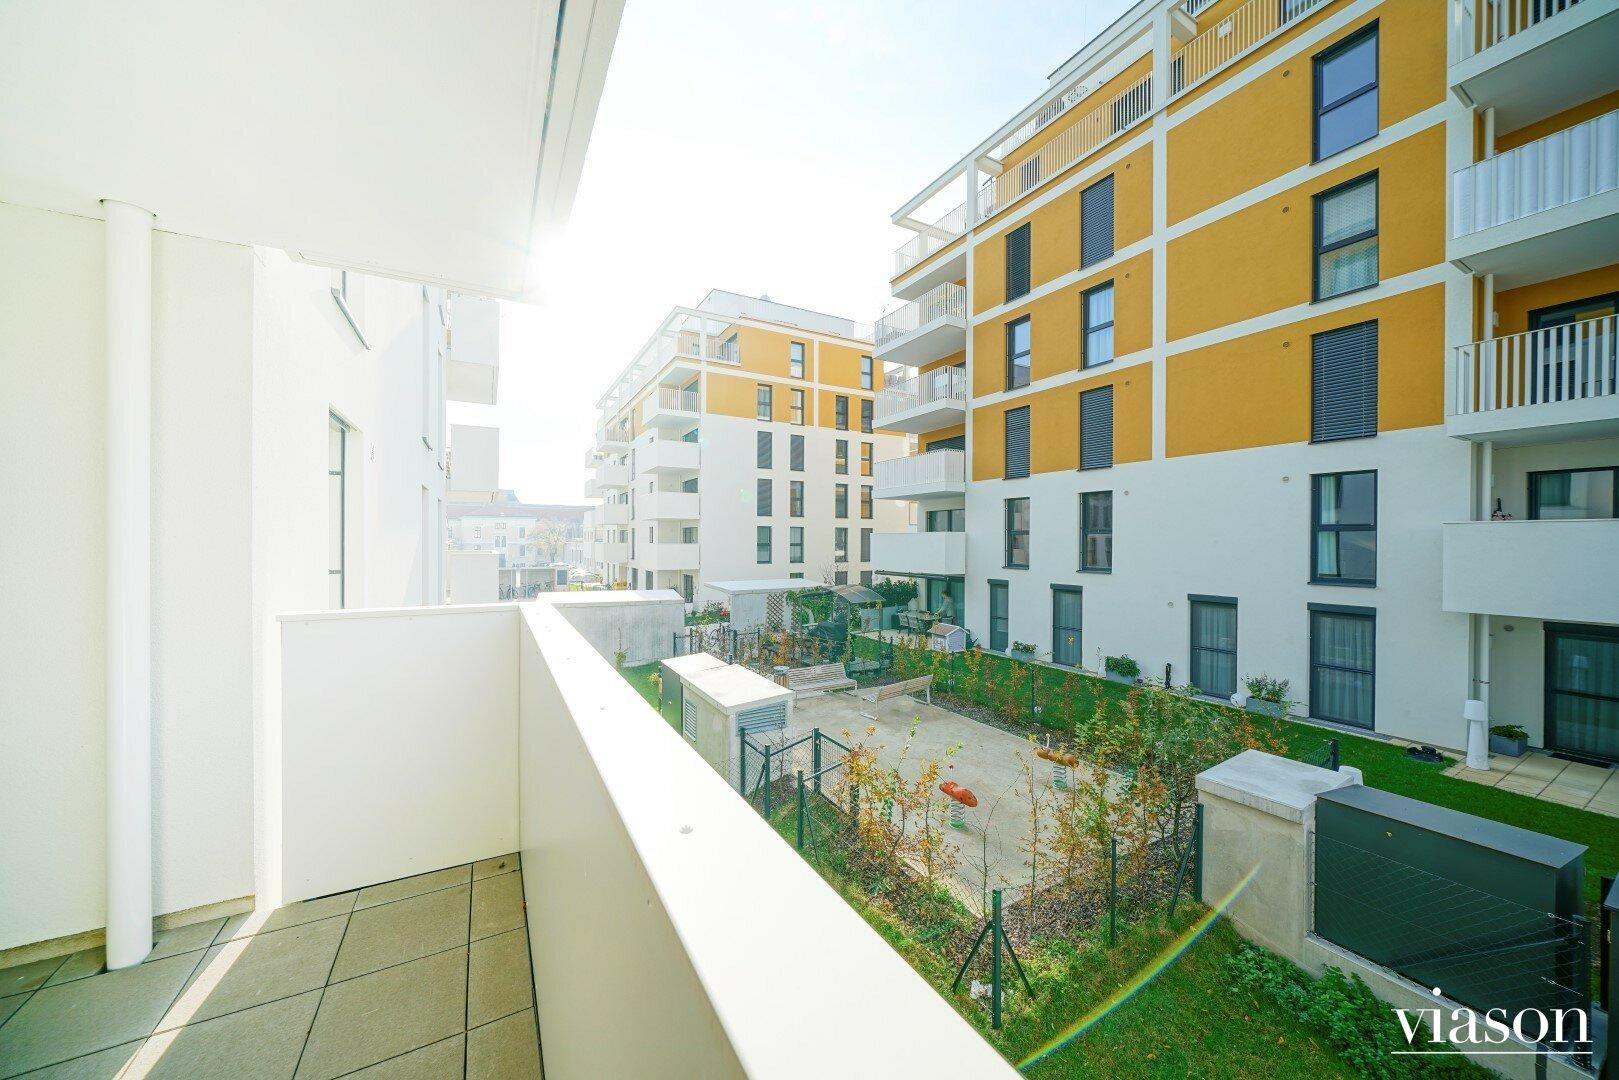 Loggia/Balkon Ausblick